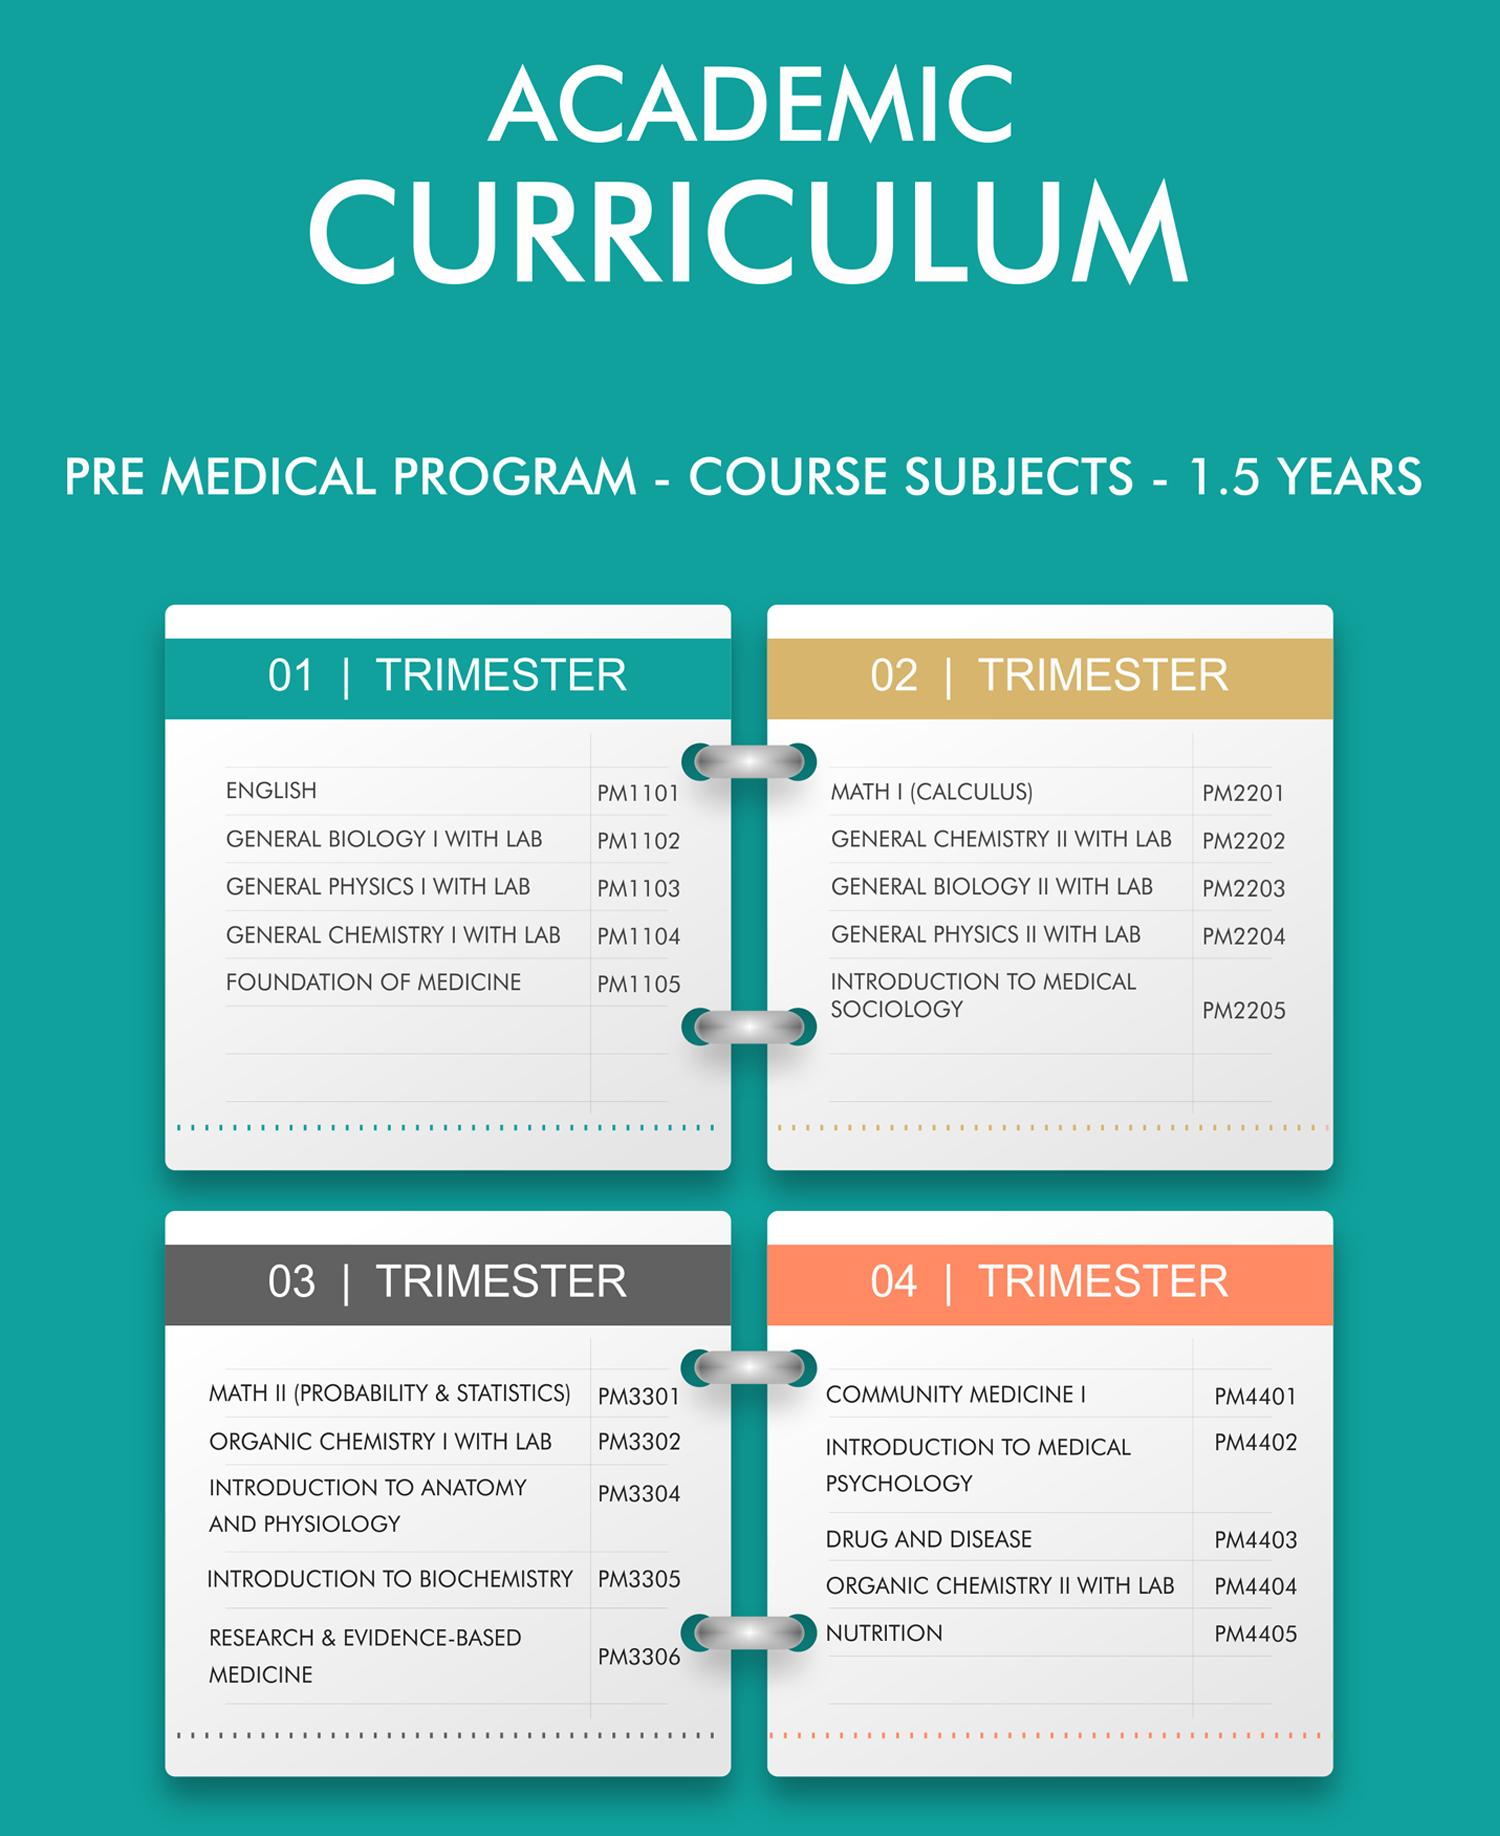 MD curriculum,MD Program curriculum, Doctor of medicine